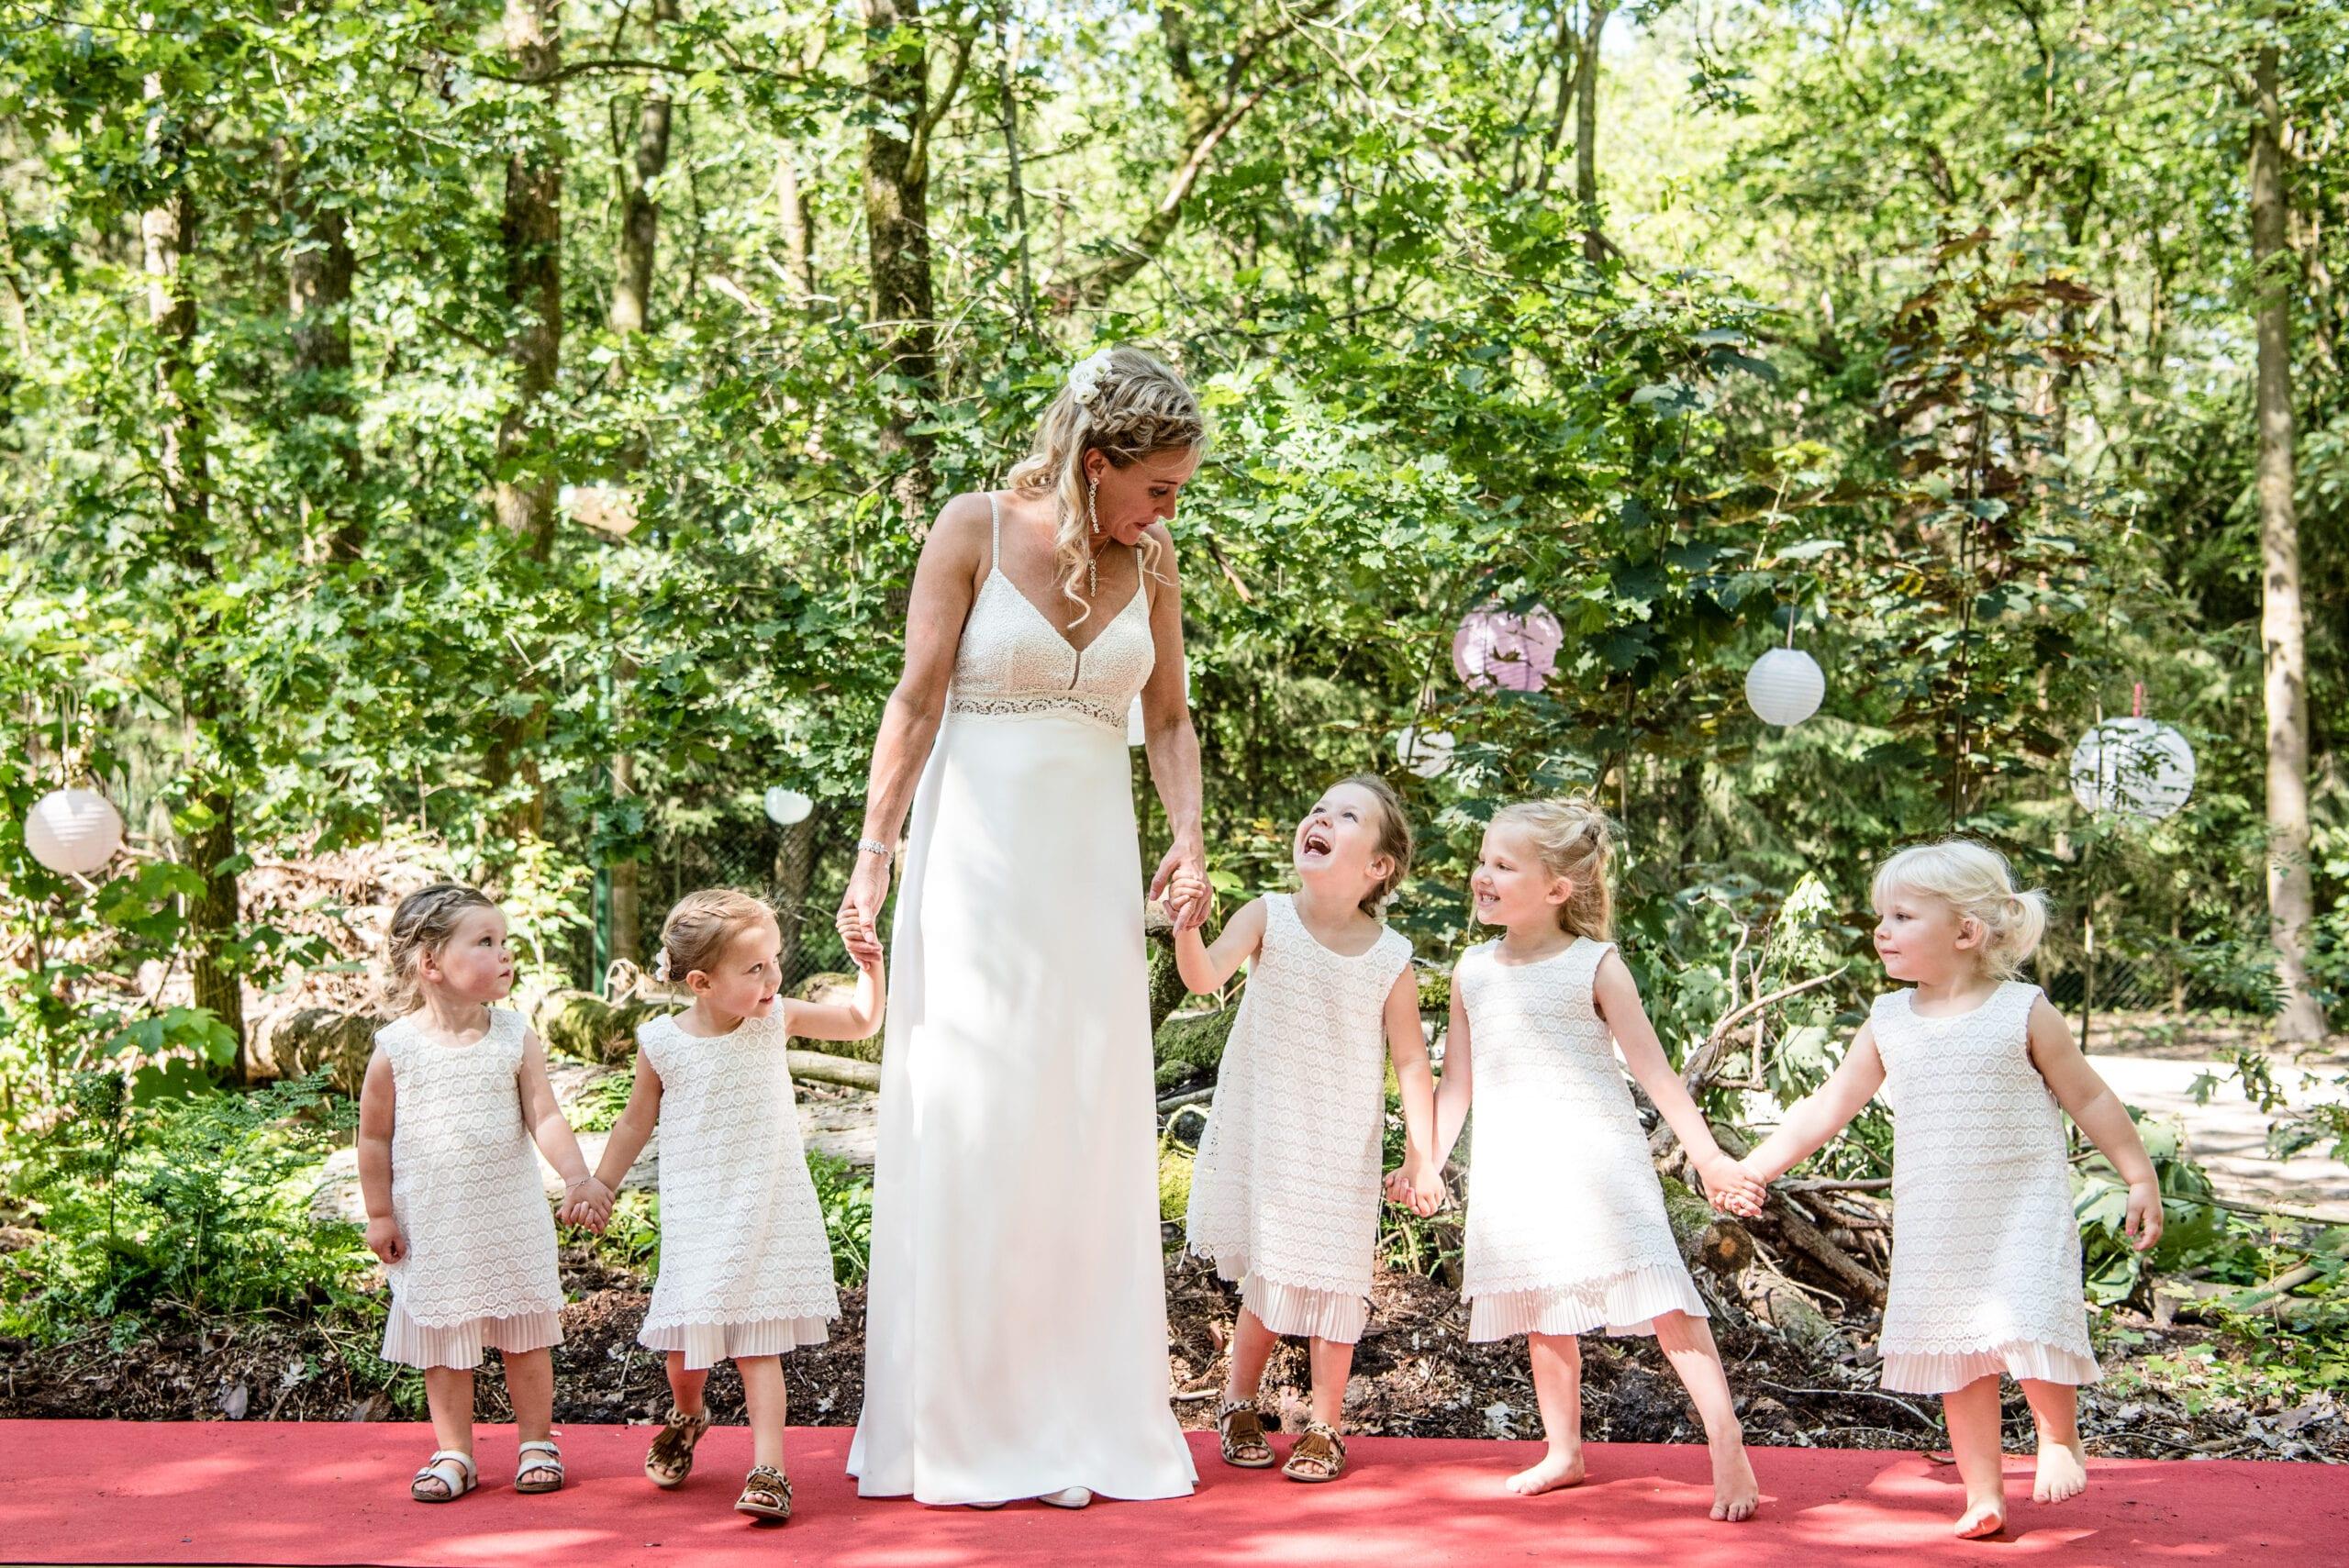 bruidsmeisjes door danny fotografie